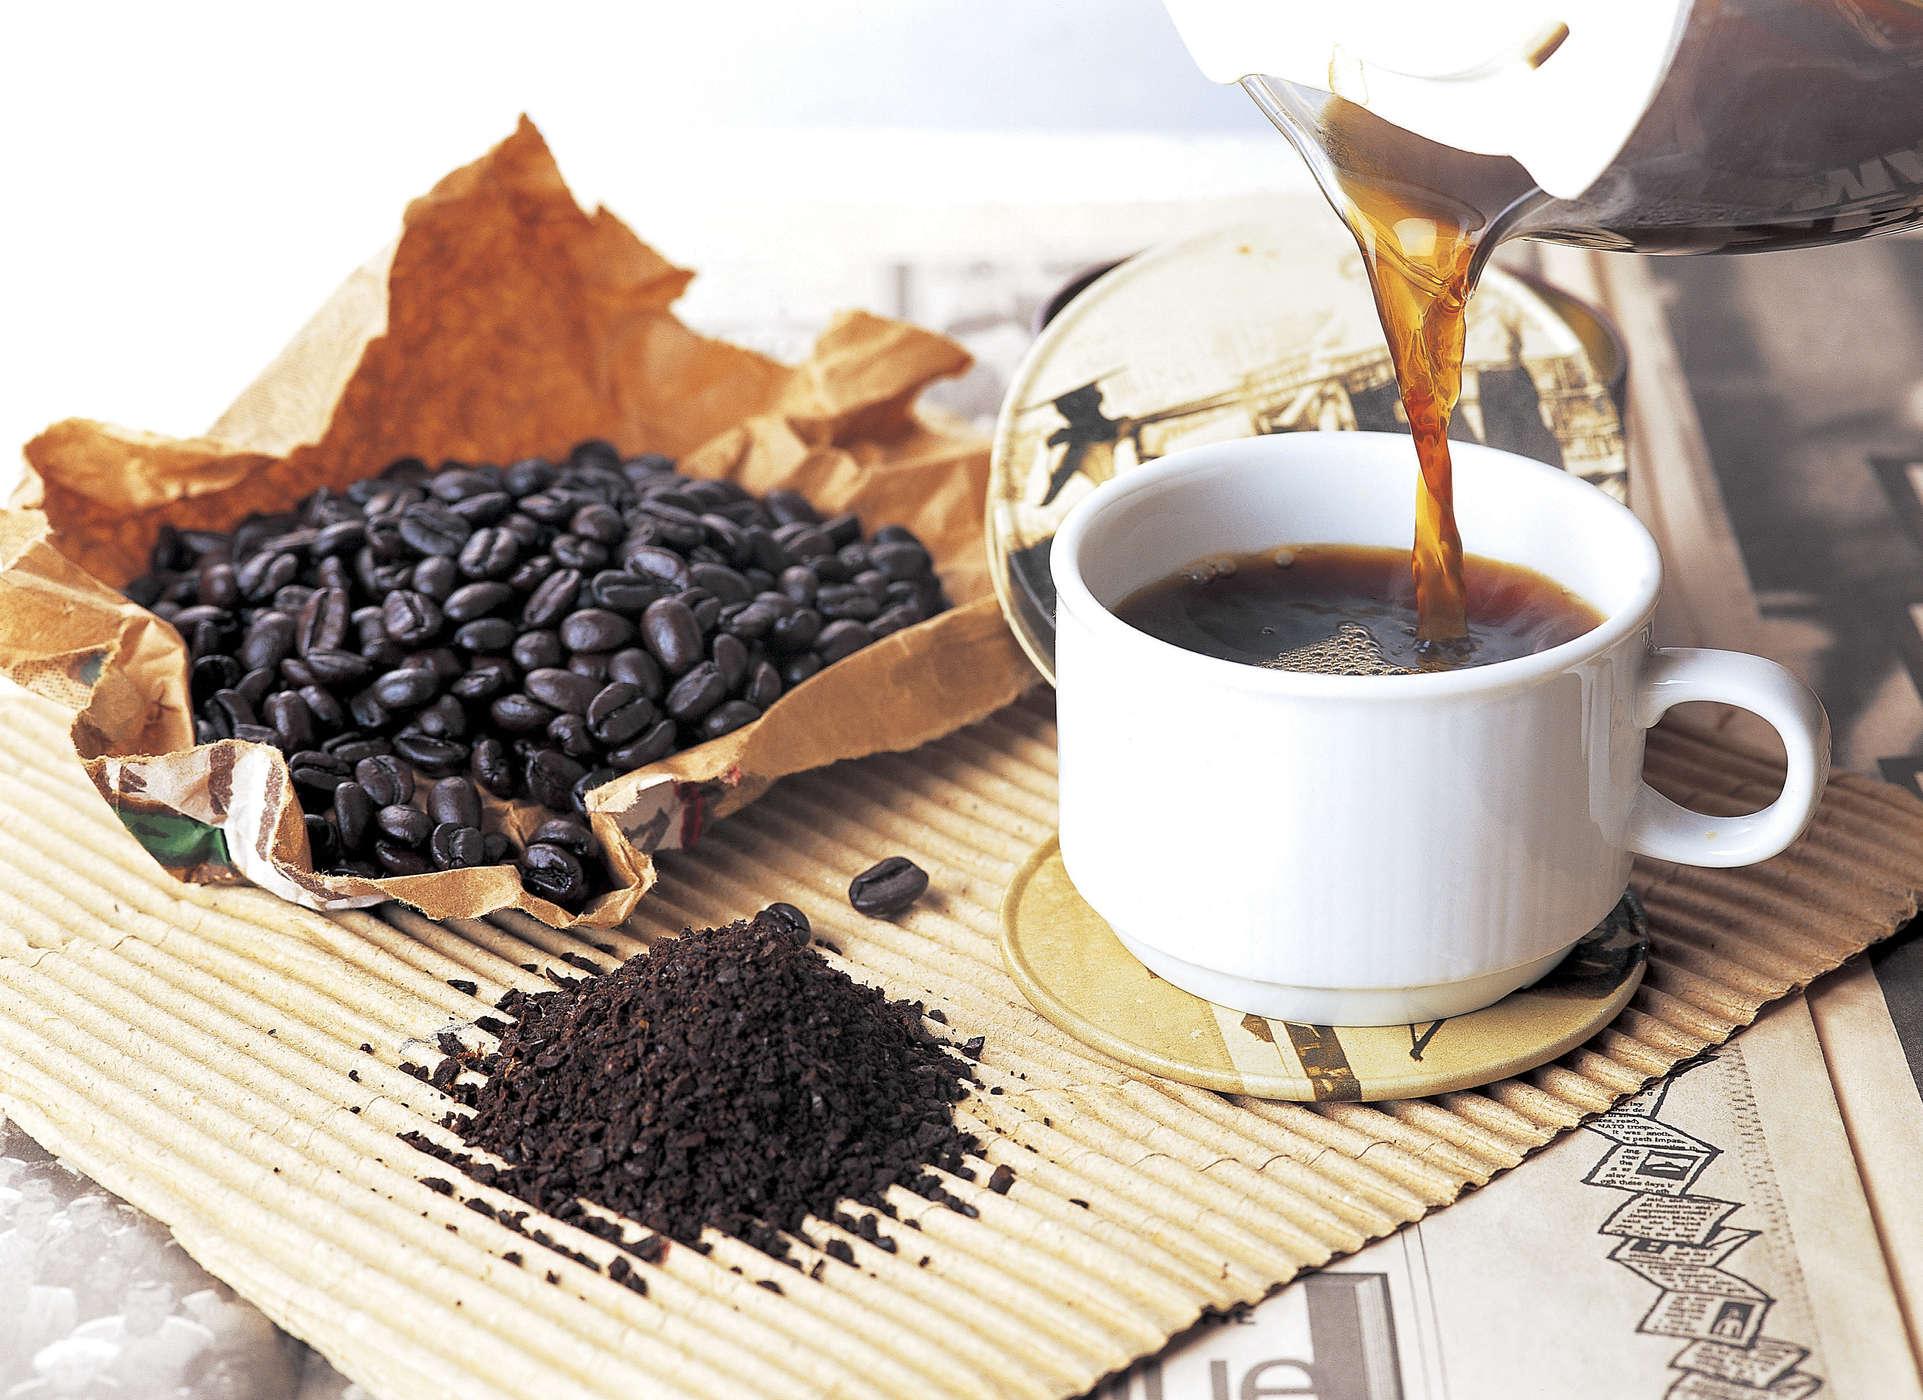 87161486 - Cà phê và cuộc sống: tốt hay xấu?